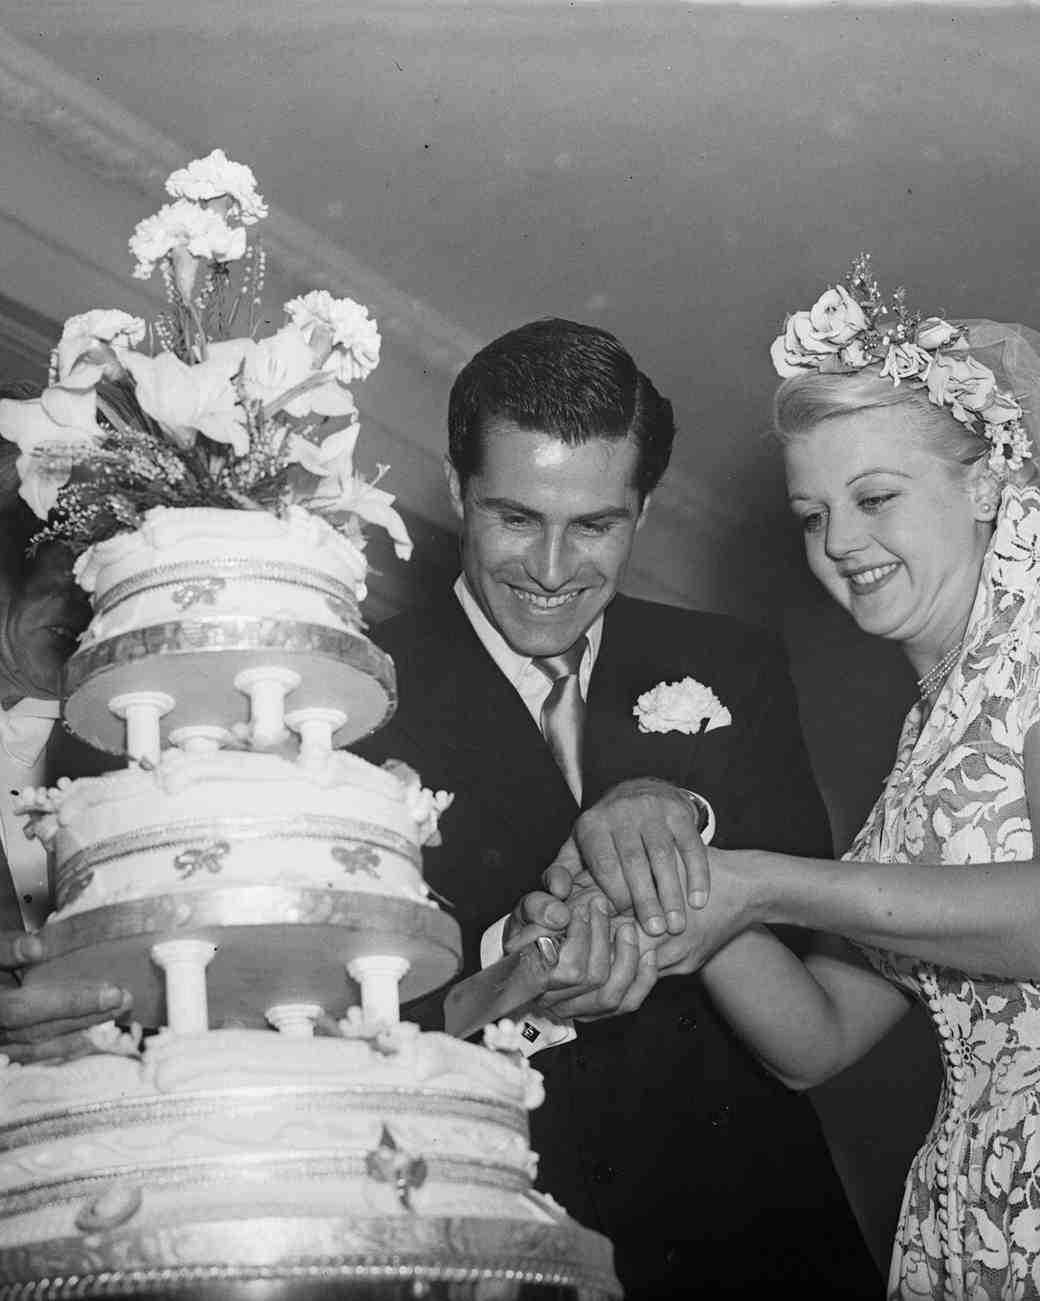 celebrity-vintage-wedding-cakes-angela-lansbury-3426448-1015.jpg